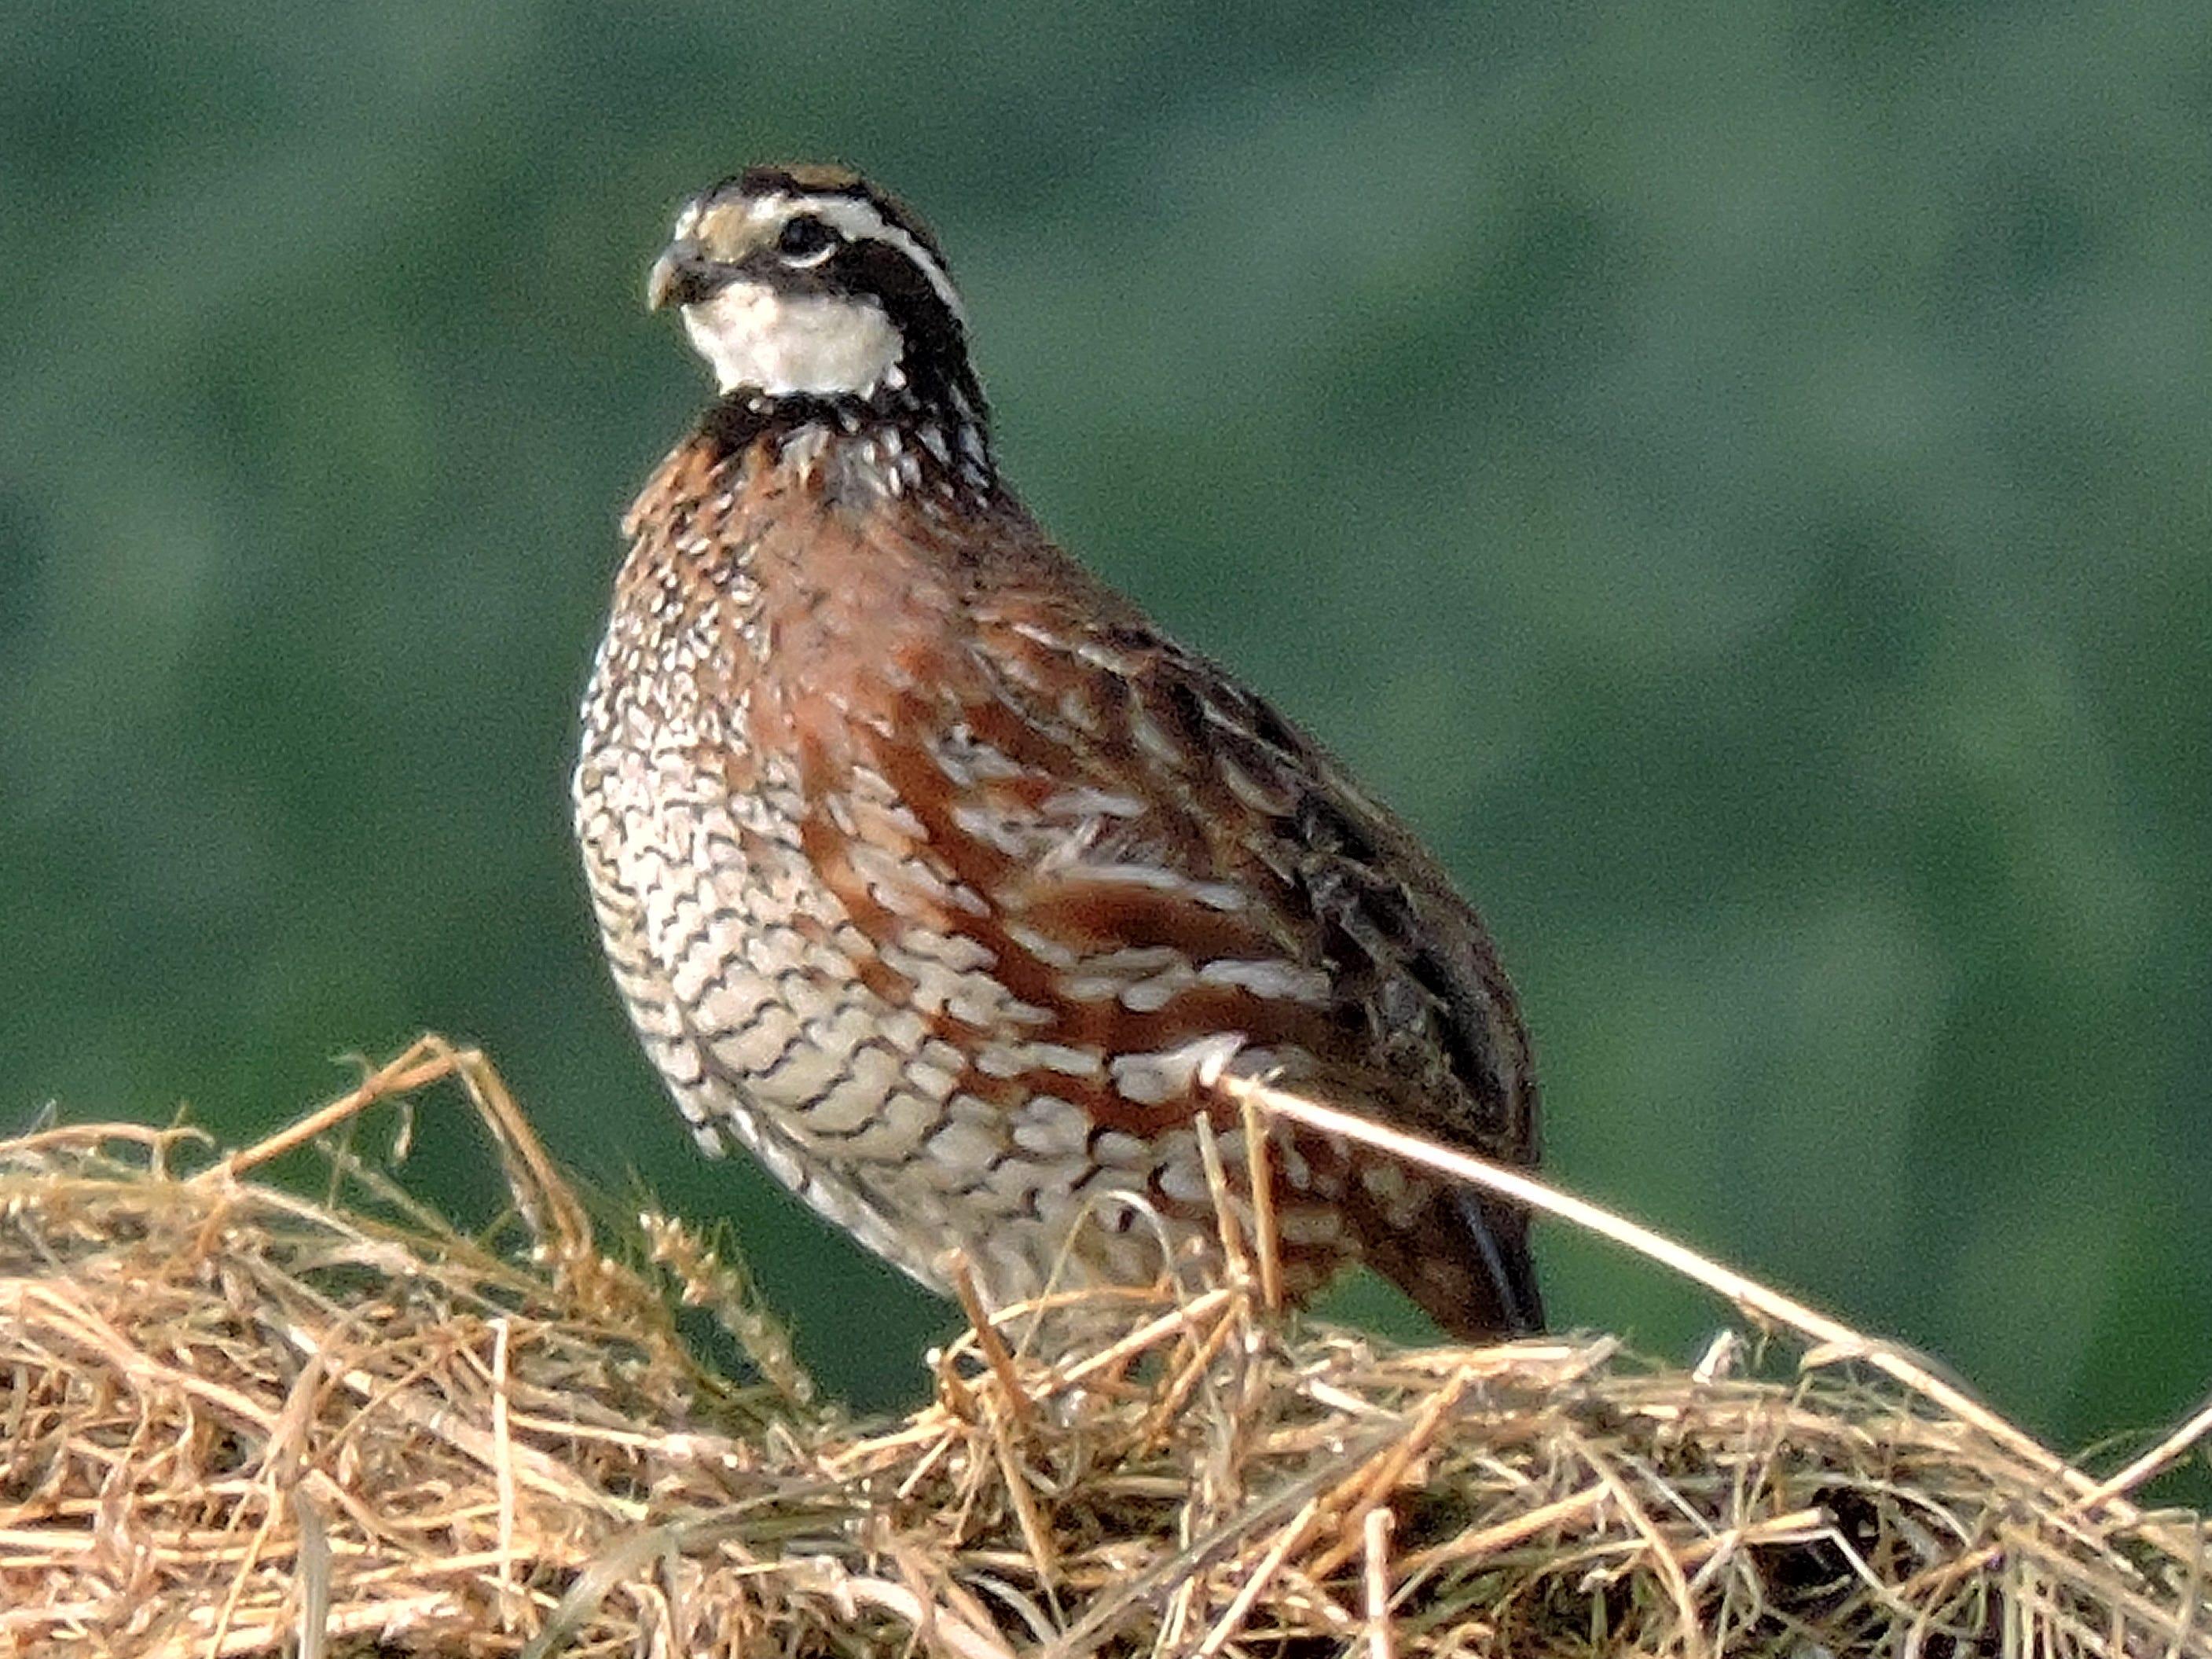 Bobwhite quail in Prairie du chien.